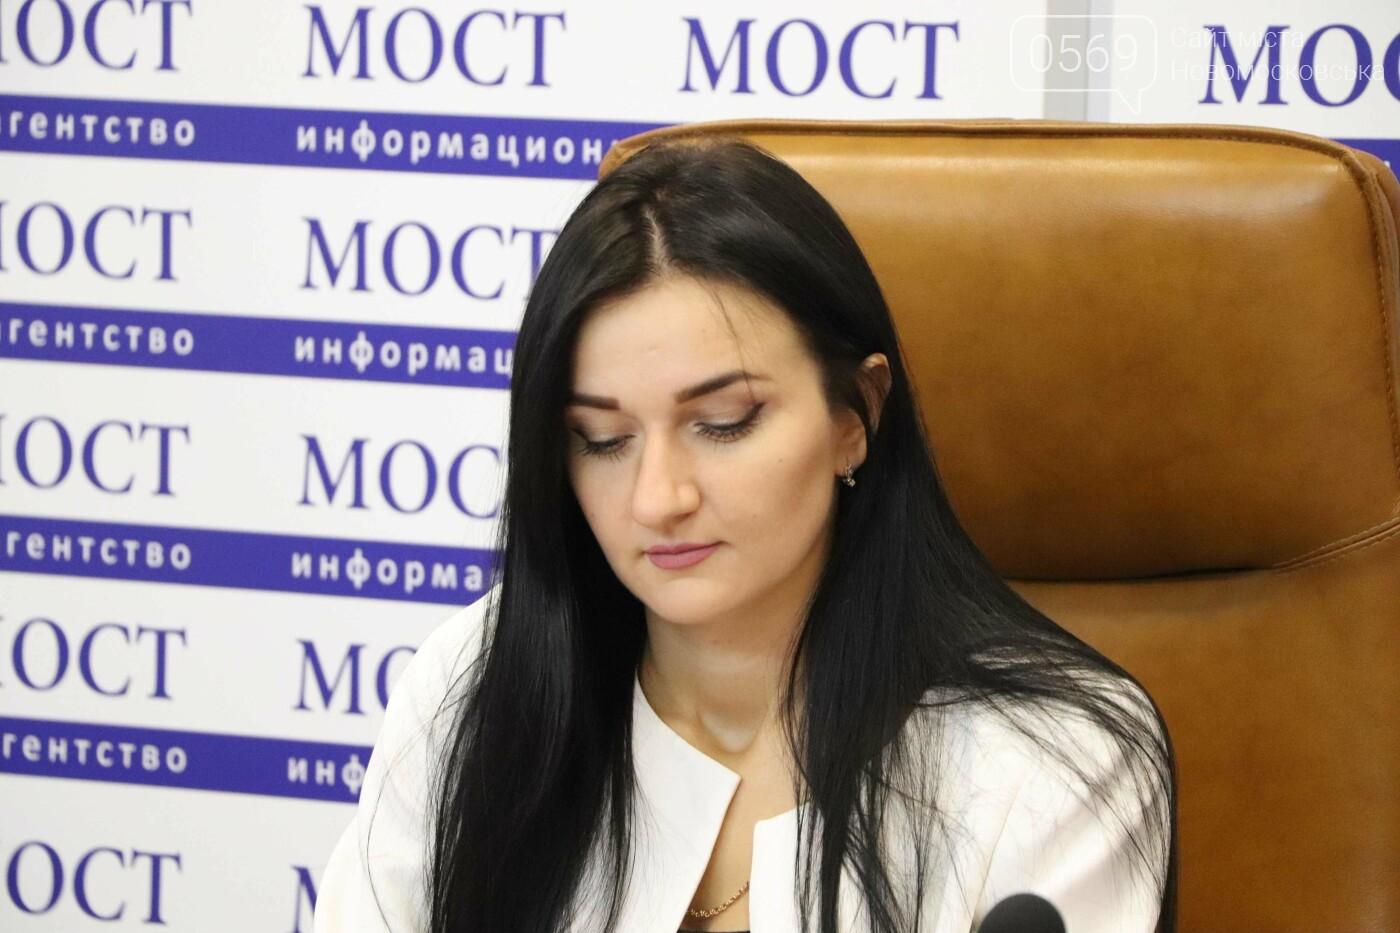 Днепропетровщина выбирает партию «ОППОЗИЦИОННАЯ ПЛАТФОРМА – ЗА ЖИЗНЬ», фото-1